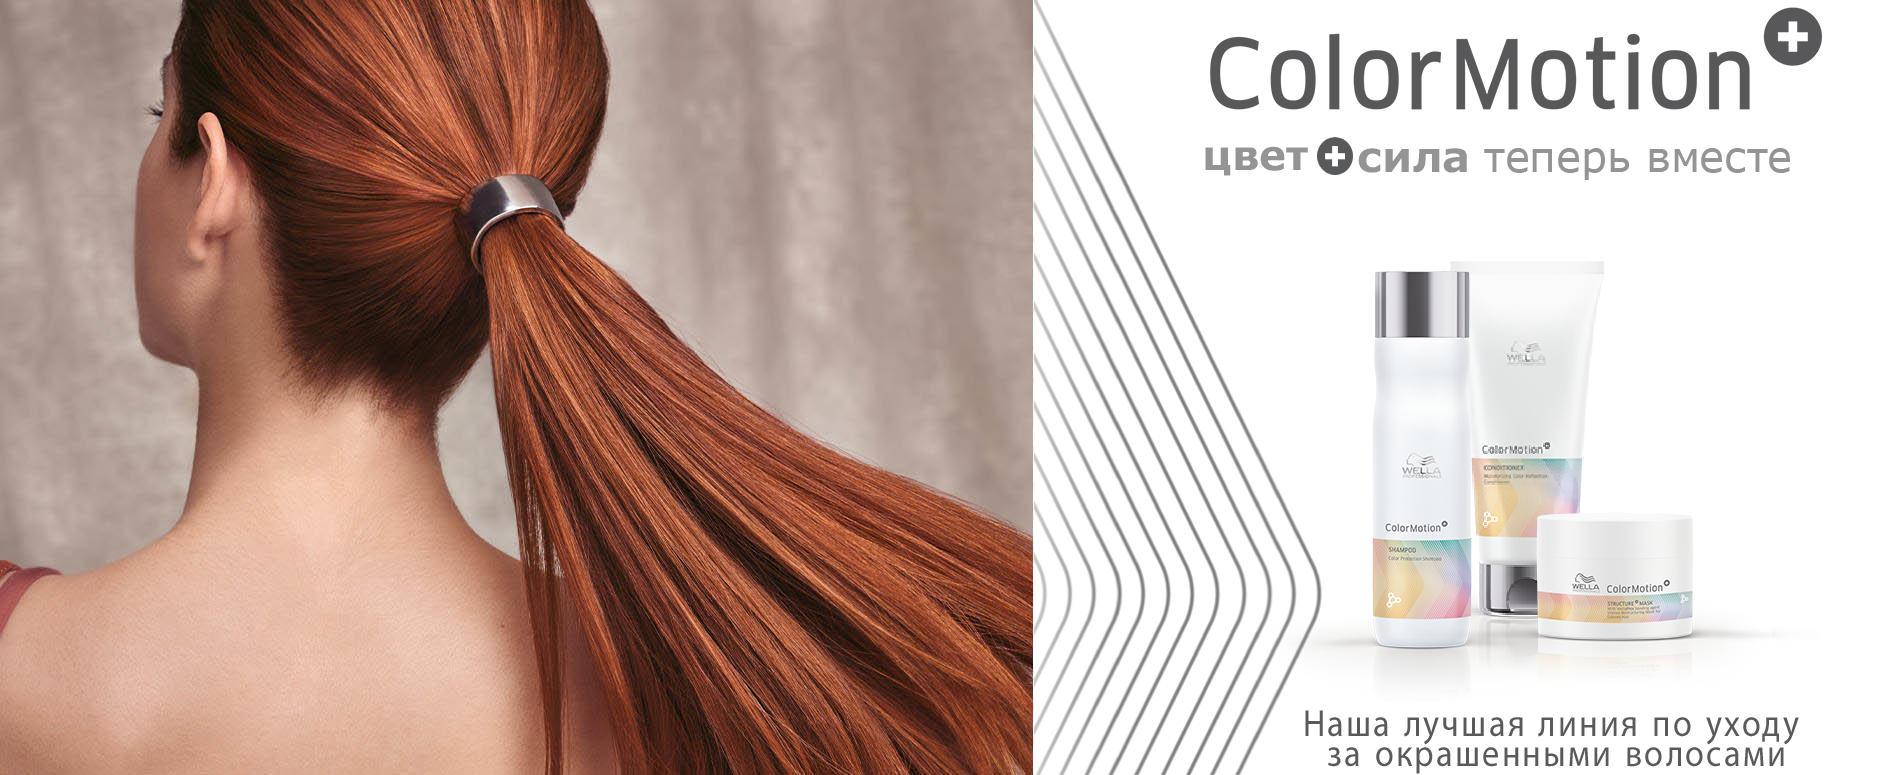 Wella ColorMotion+ Уход за окрашенными волосами